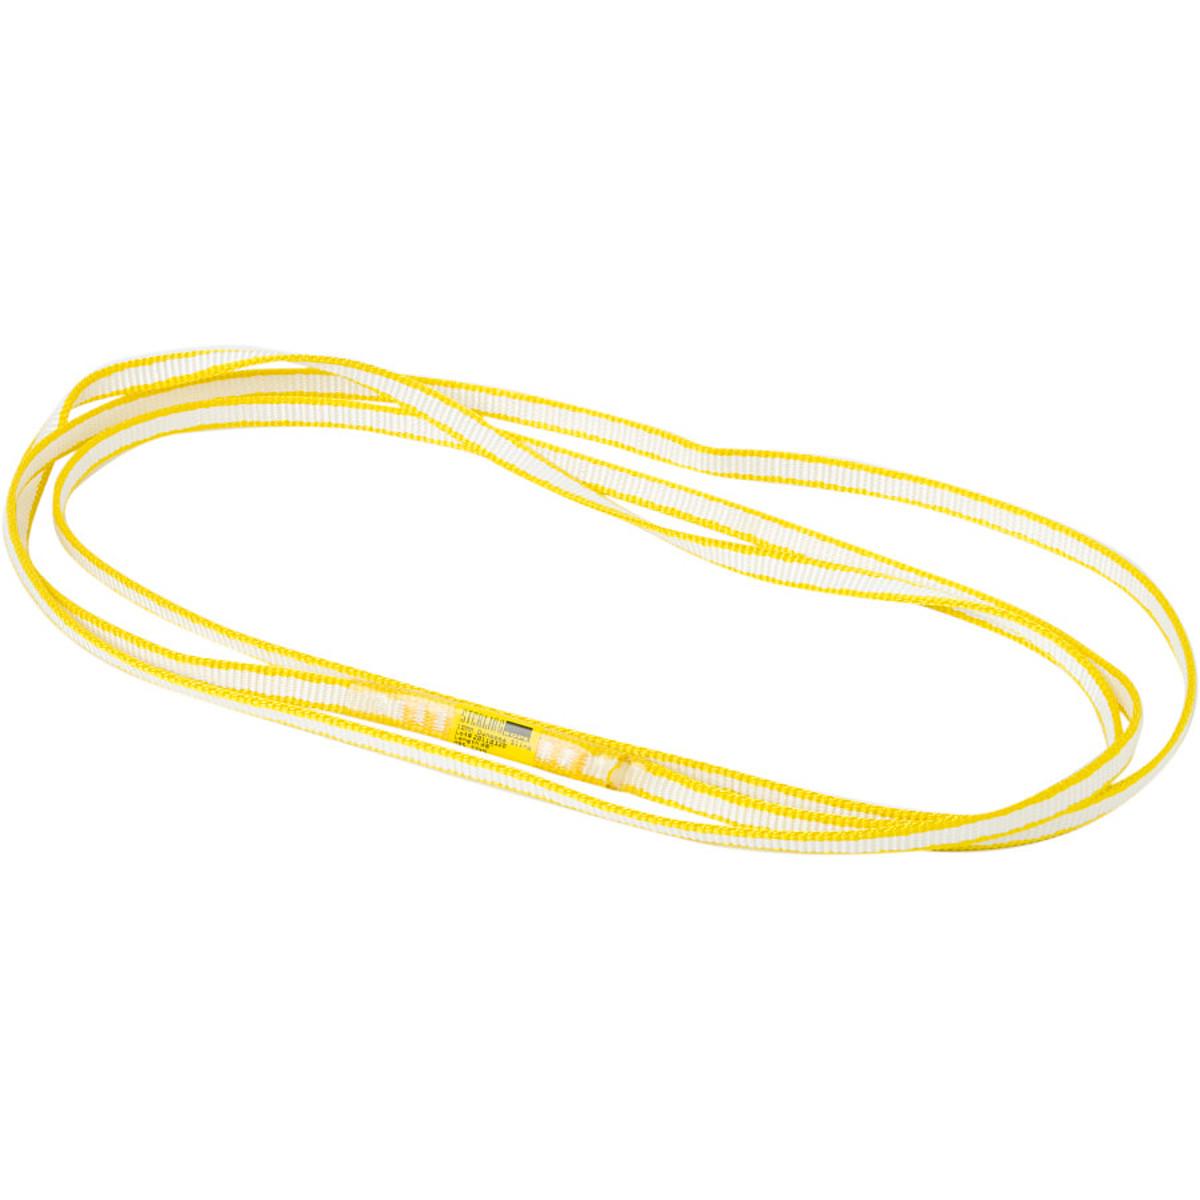 Sterling Rope 10mm Dyneema Sewn Slings